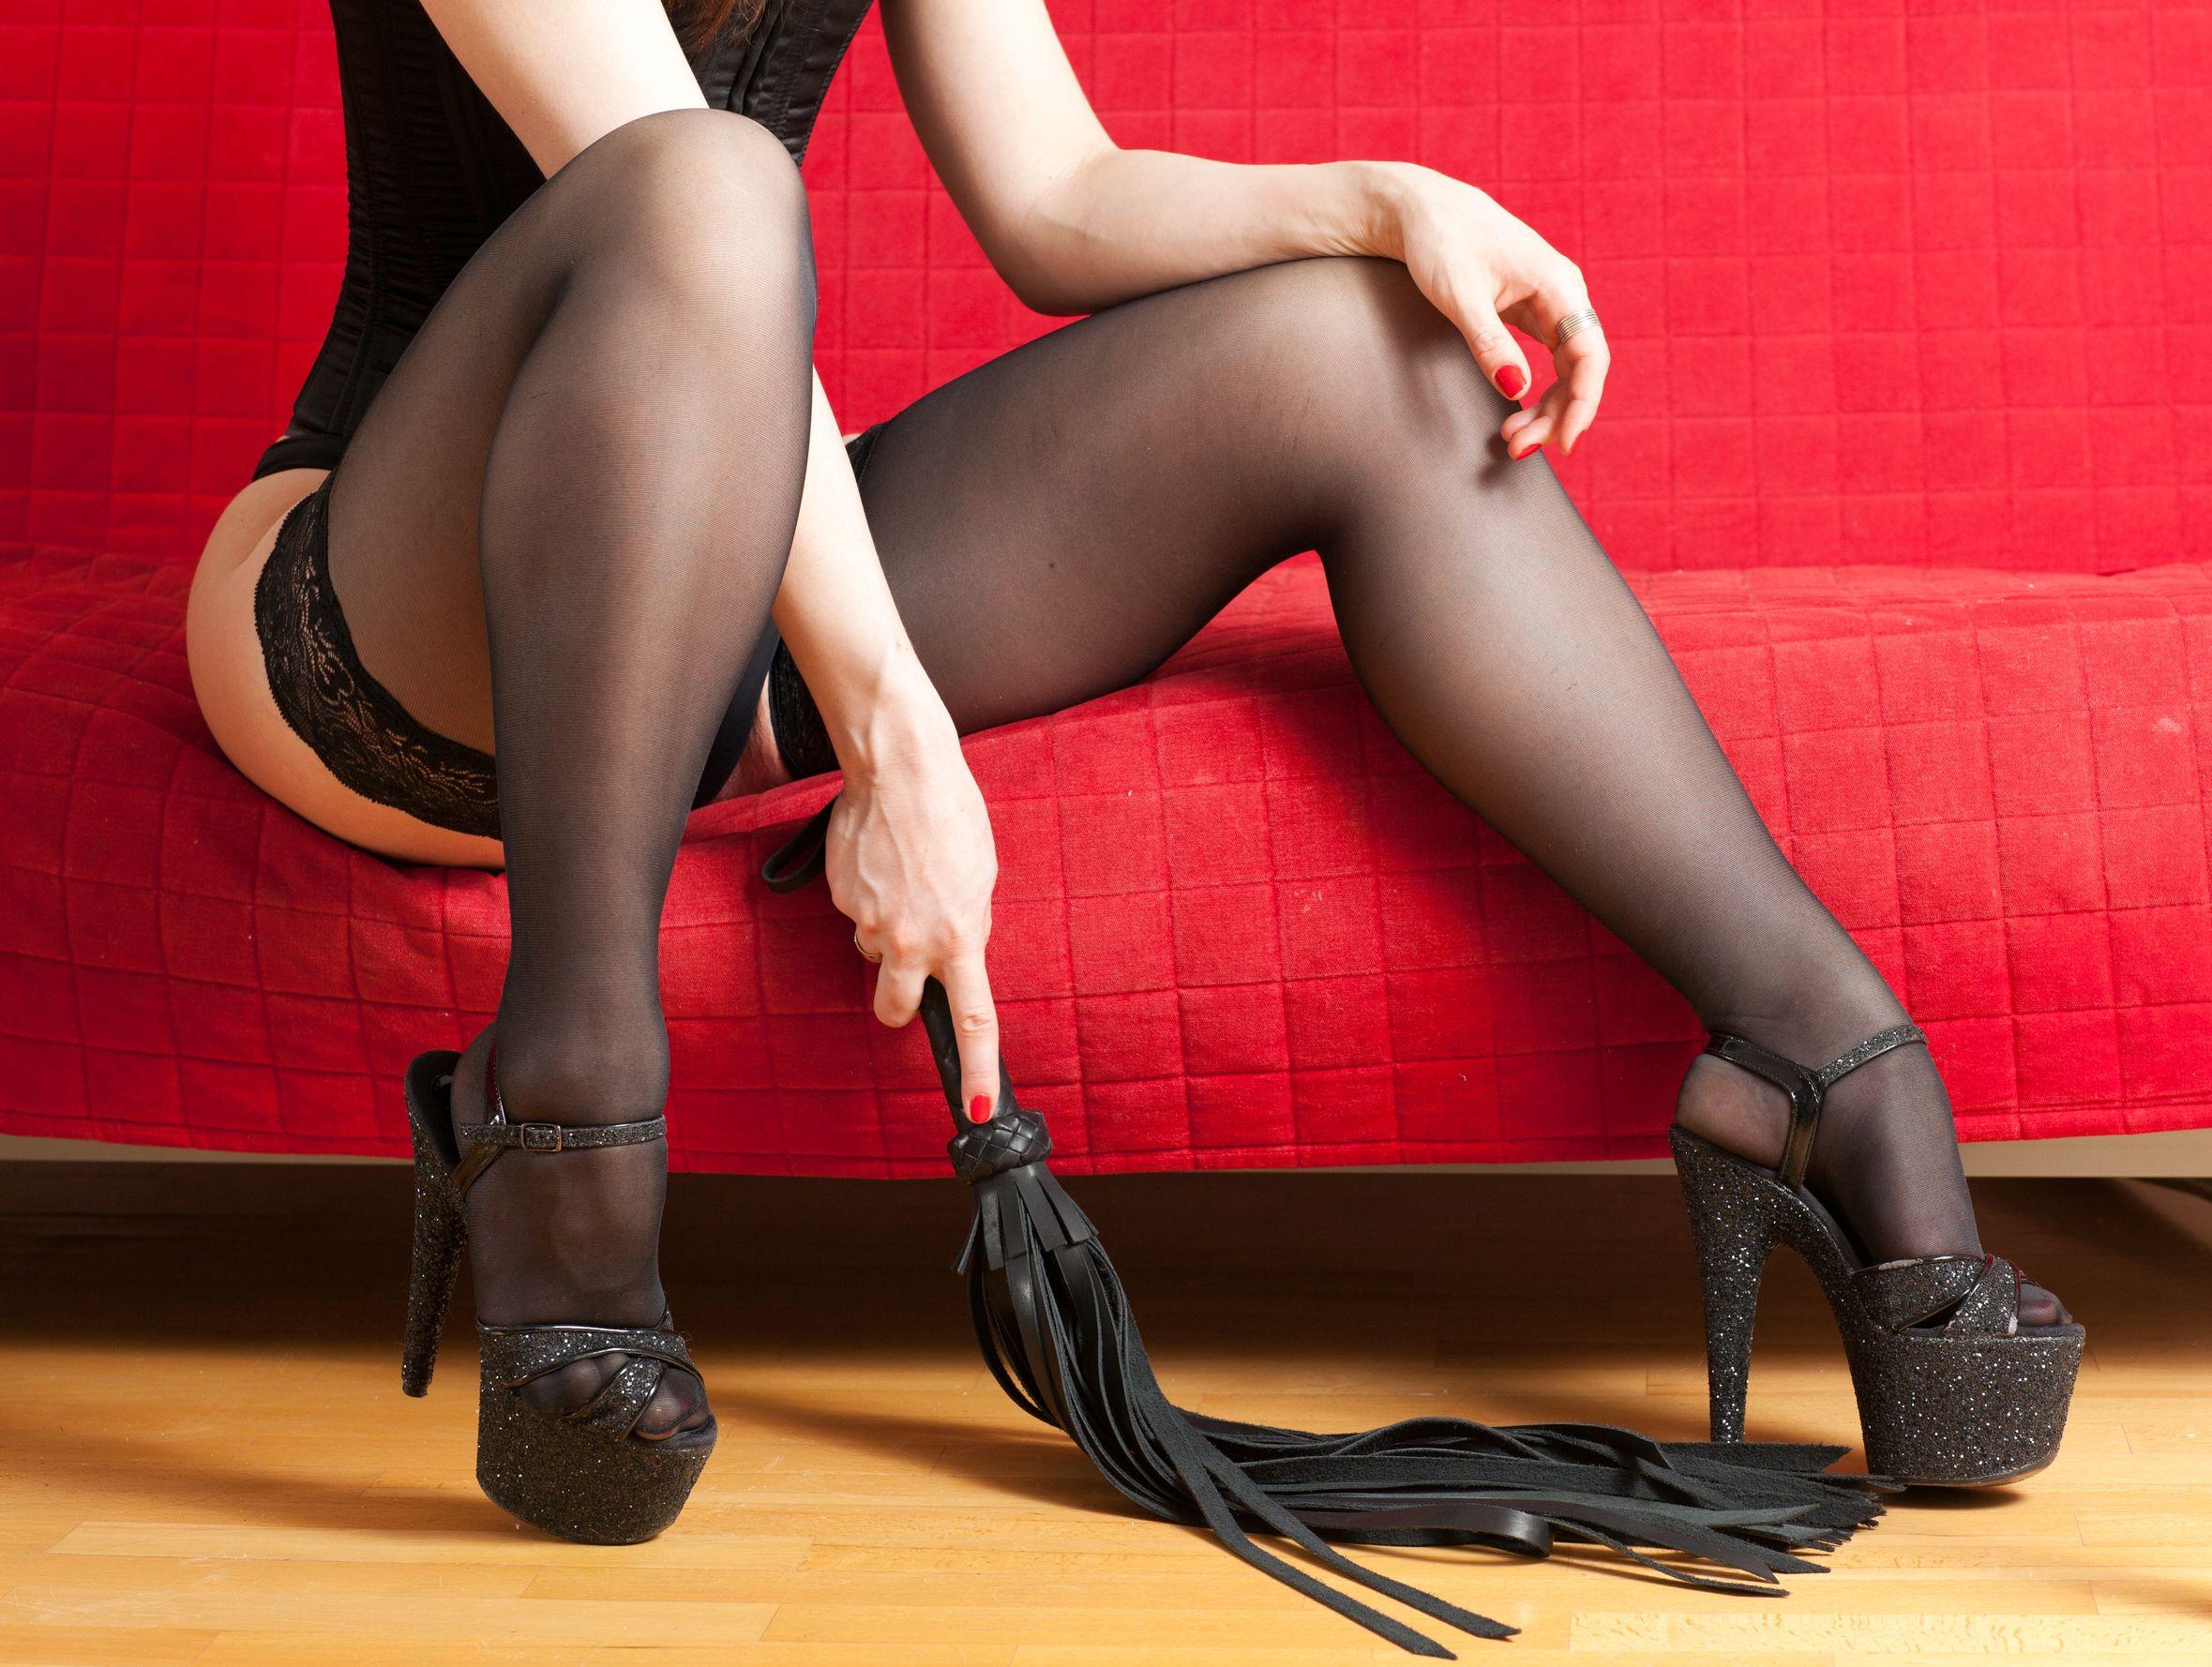 Смотреть онлайн секс господин раба госпожа раб, Русская госпожа срет на раба -видео. Смотреть 25 фотография